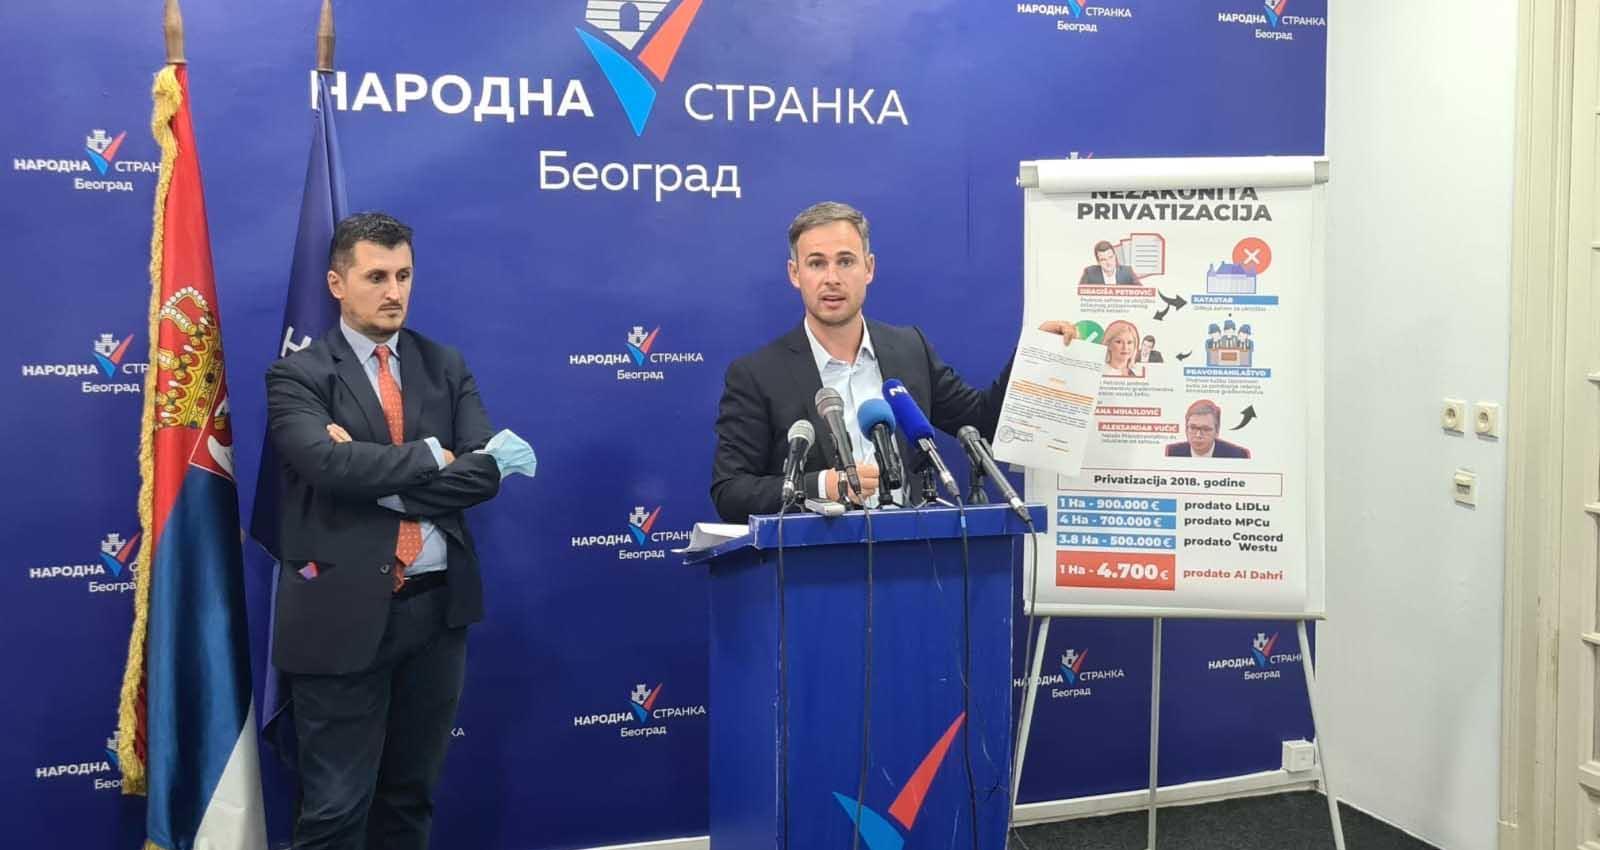 Алексић: Народна странка тражи поништај незаконите приватизације ПКБ-а